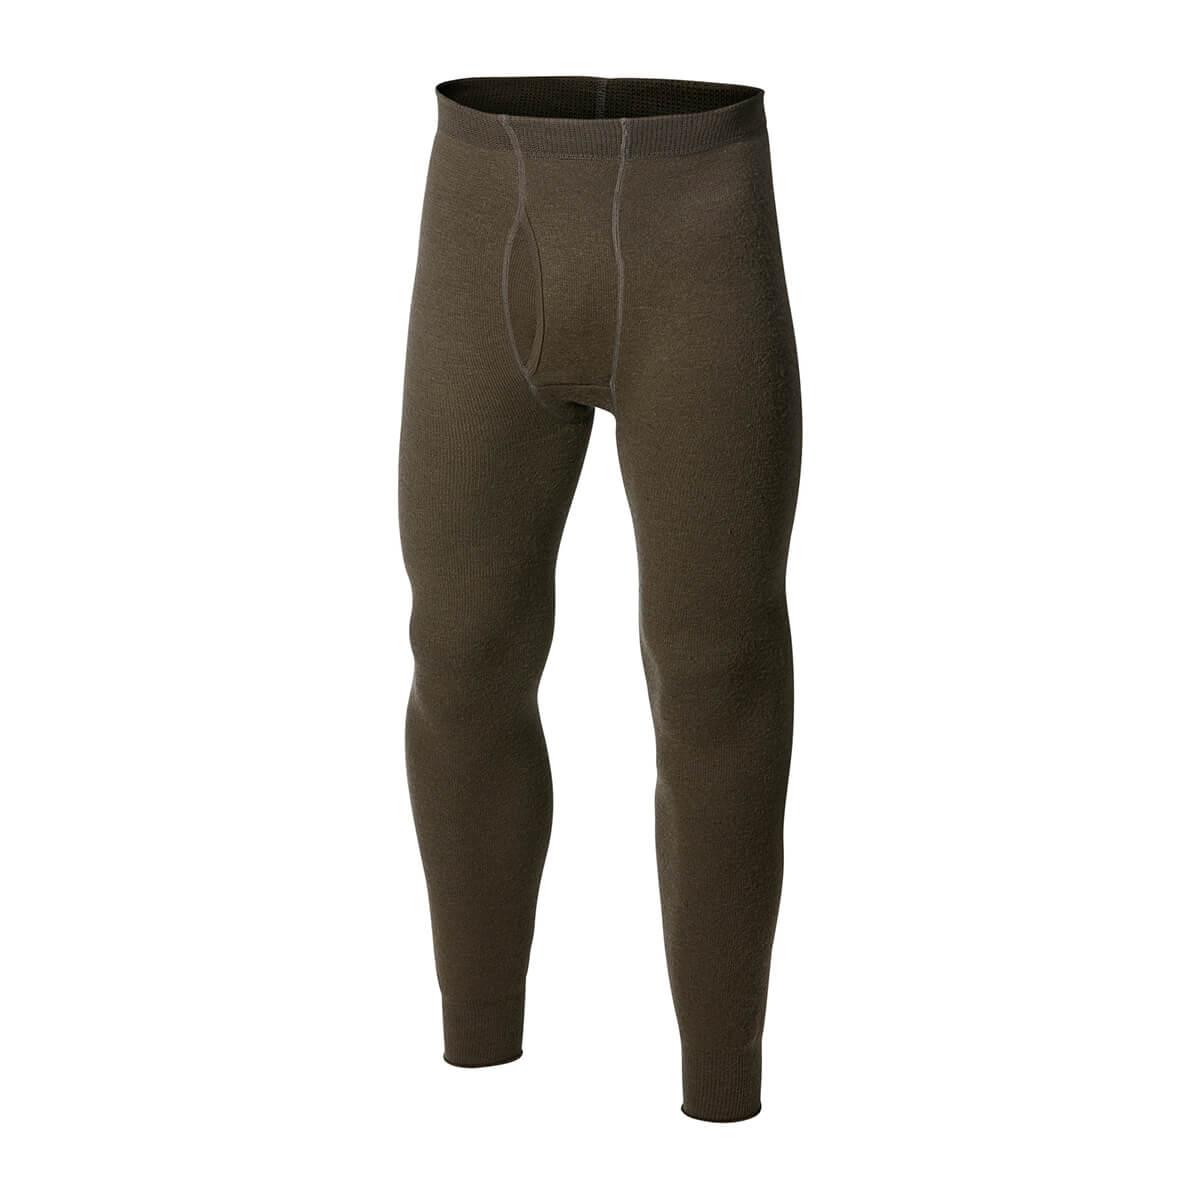 Woolpower Herren Lange Unterhose 200 - Unterwäsche